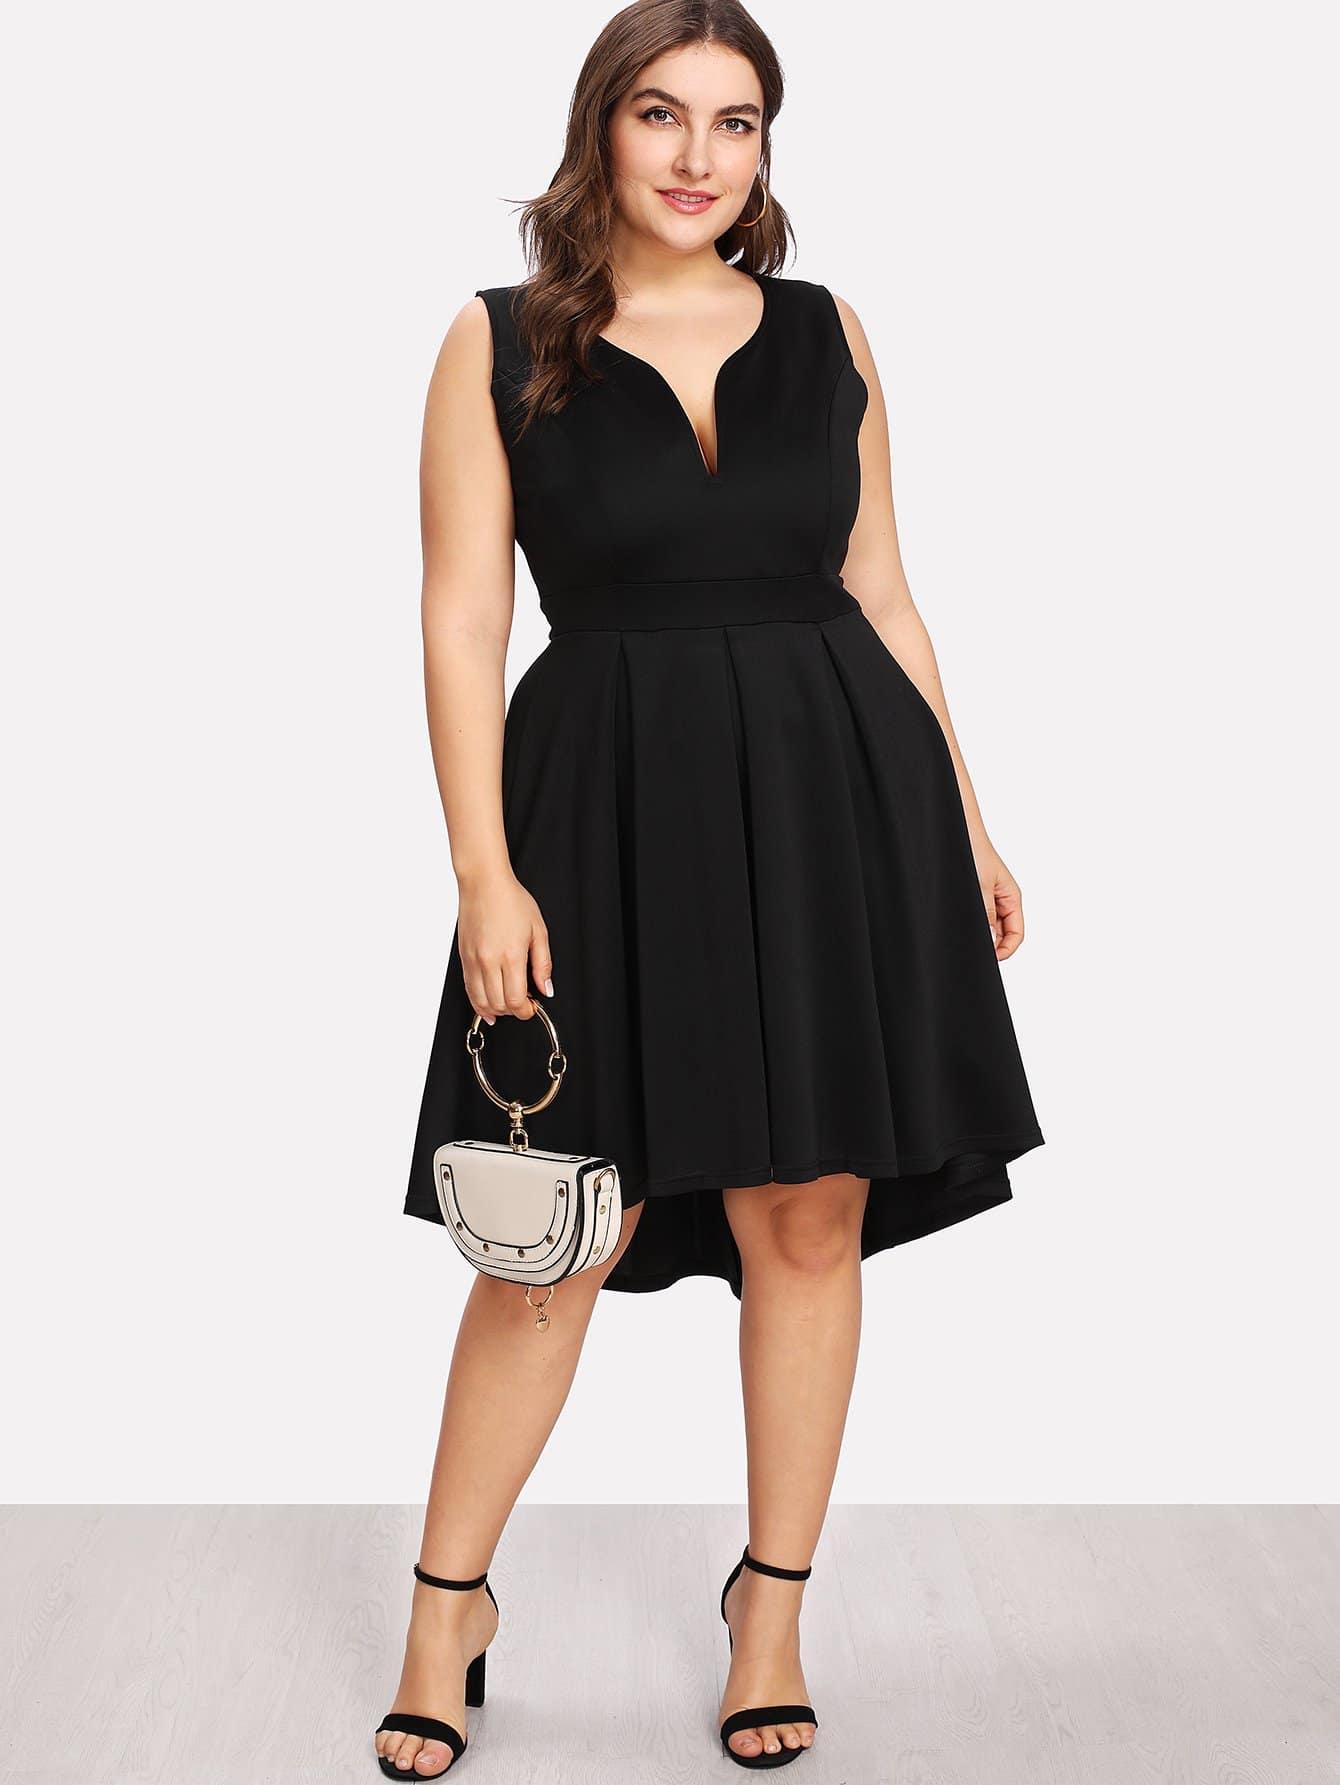 Купить Ассиметричное платье с v-образным воротником, Franziska, SheIn